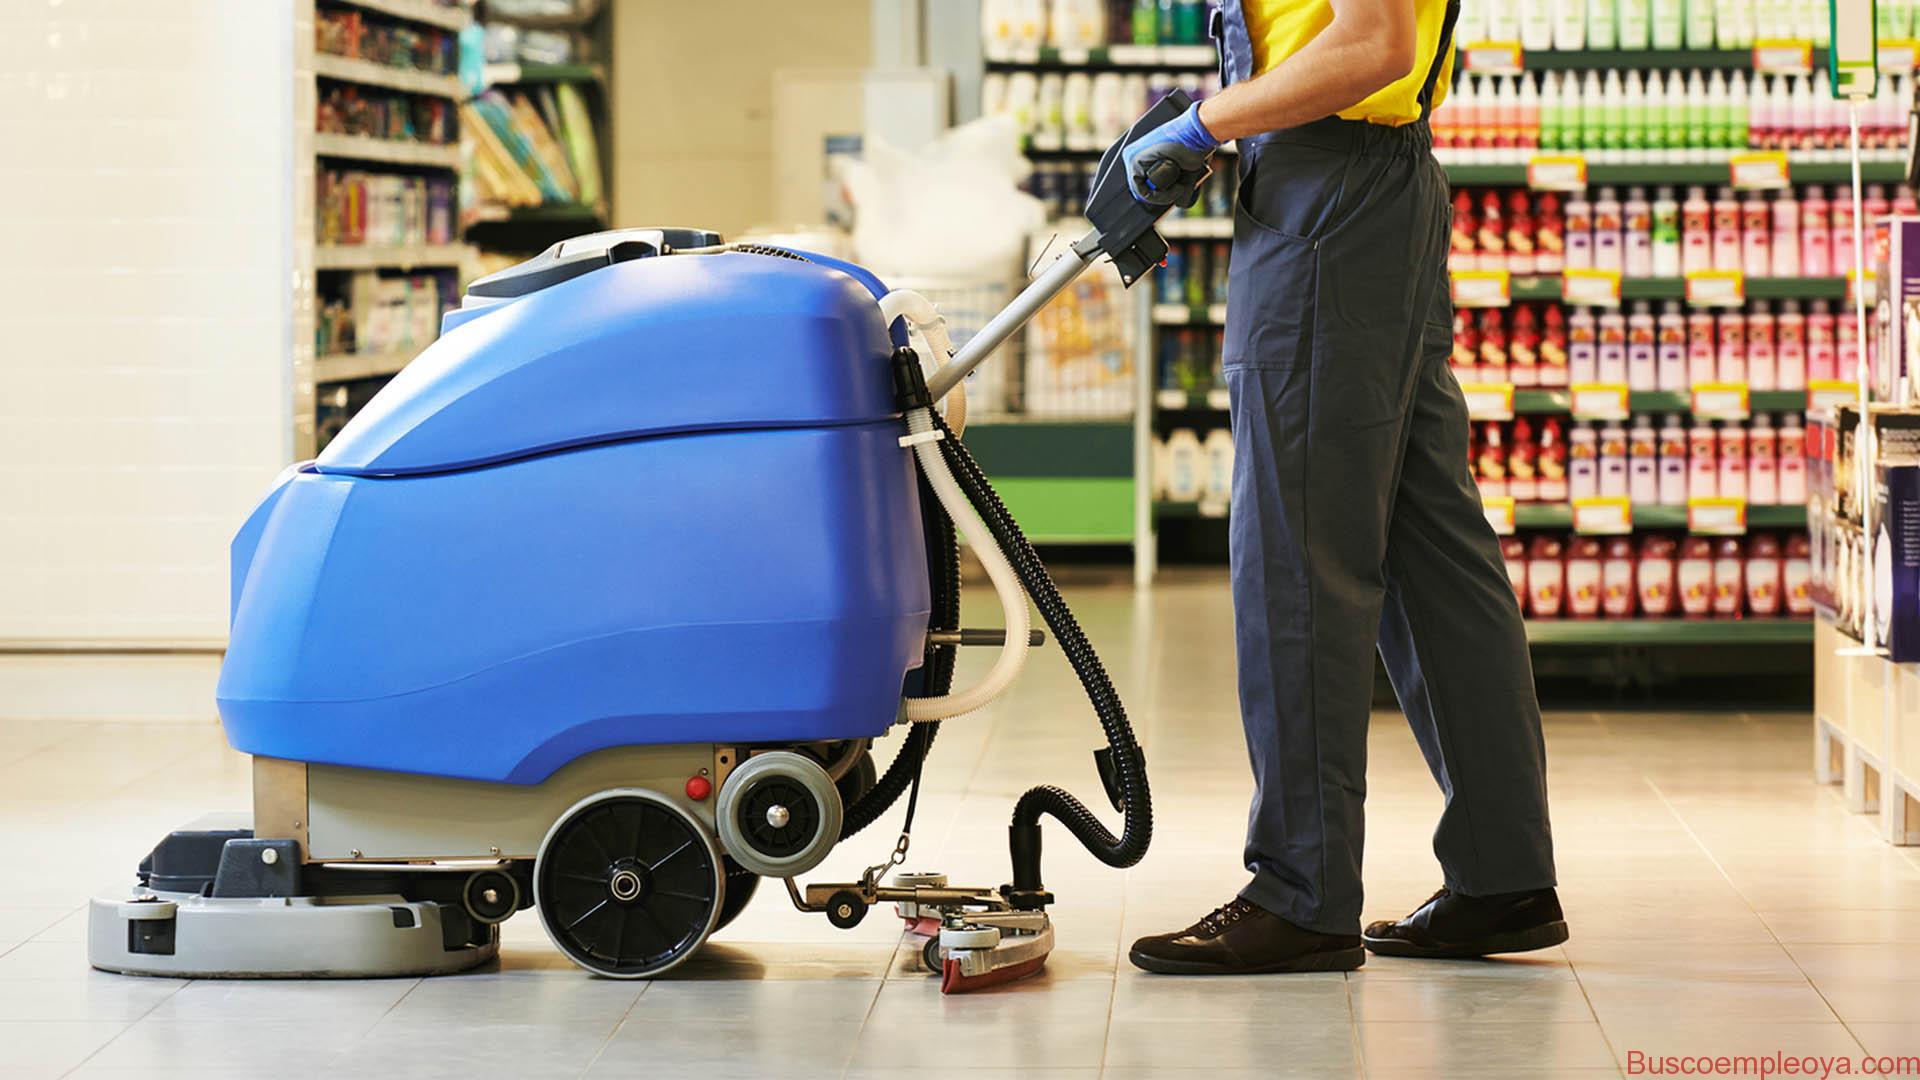 Consejos importantes para la limpieza de un supermercado